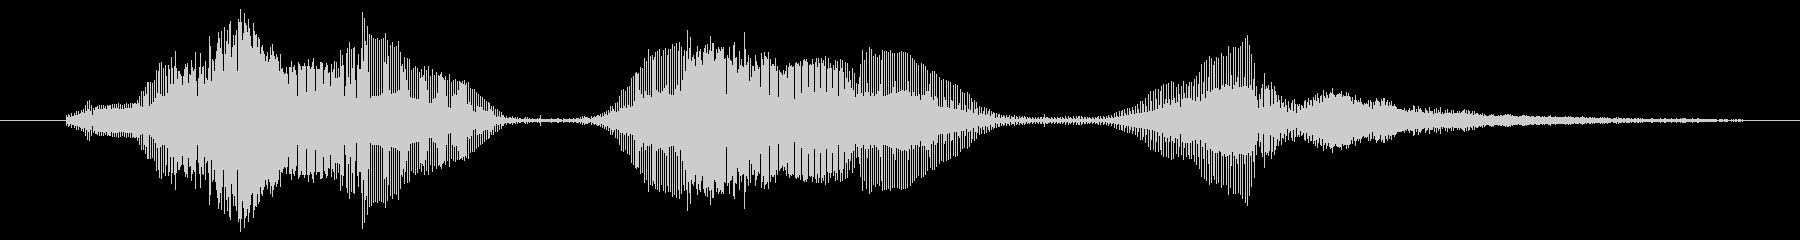 モンスター ダイハイ02の未再生の波形